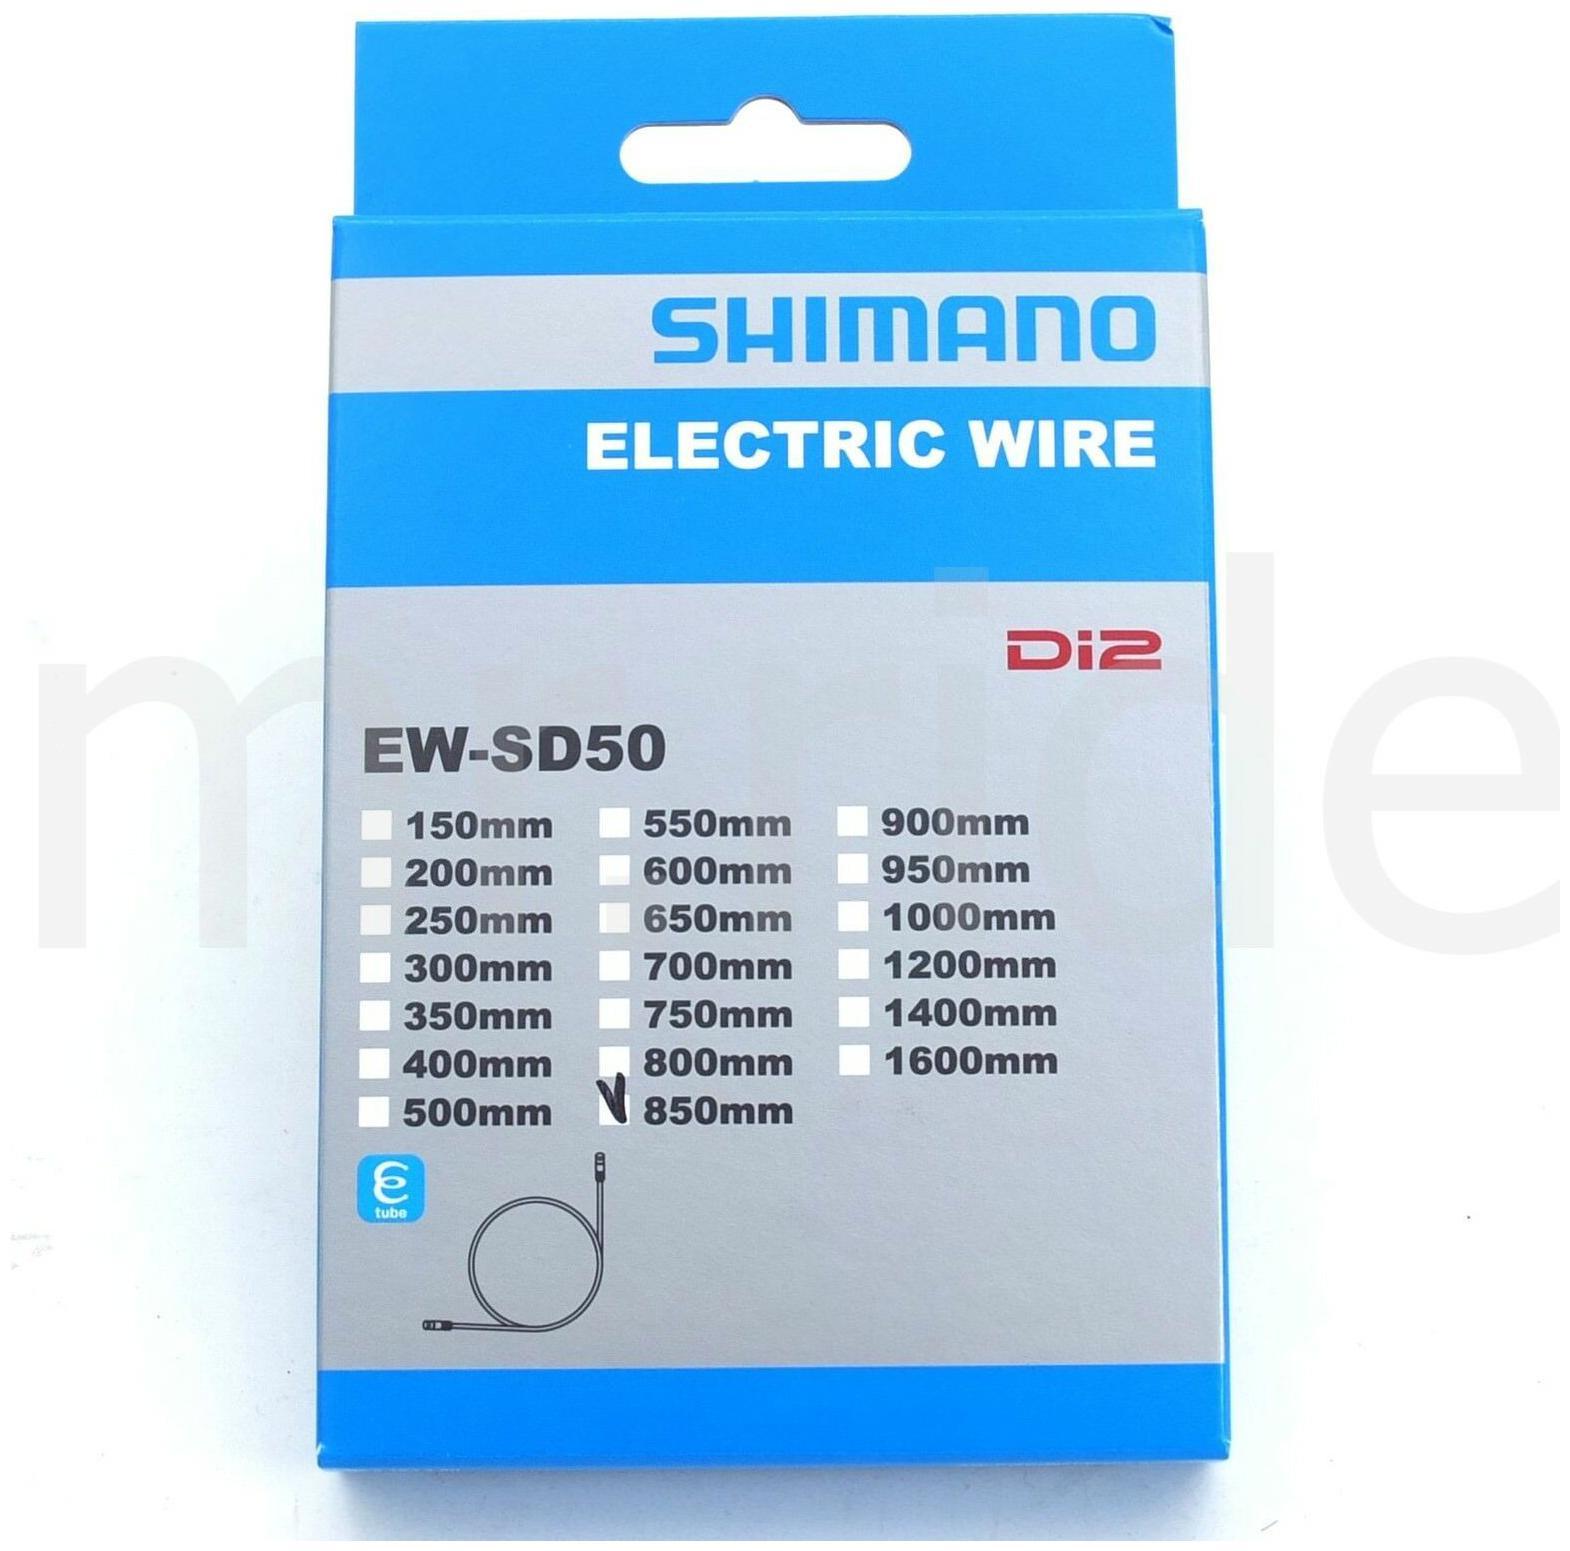 NEW Shimano EW-SD50 Di2 E-Tube Wire 700mm